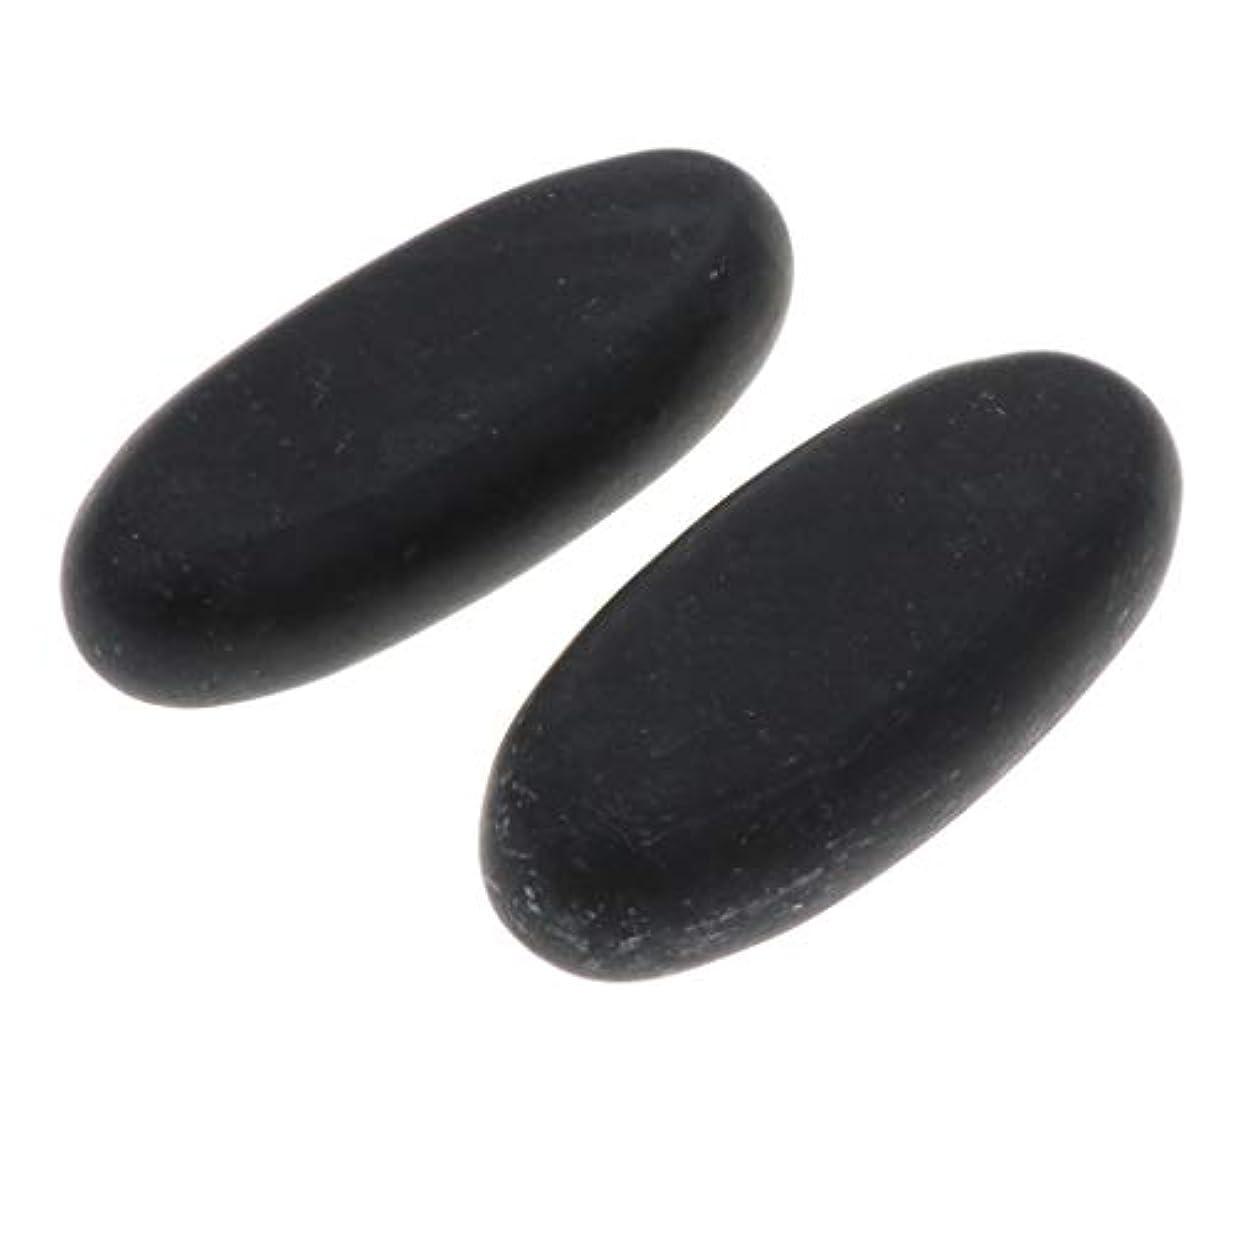 バラエティマインドフル時々マッサージ石 マッサージストーン 玄武岩 ボディマッサージ ツボ押し リラクゼーション 全2サイズ - 8×3.2×1.5cm